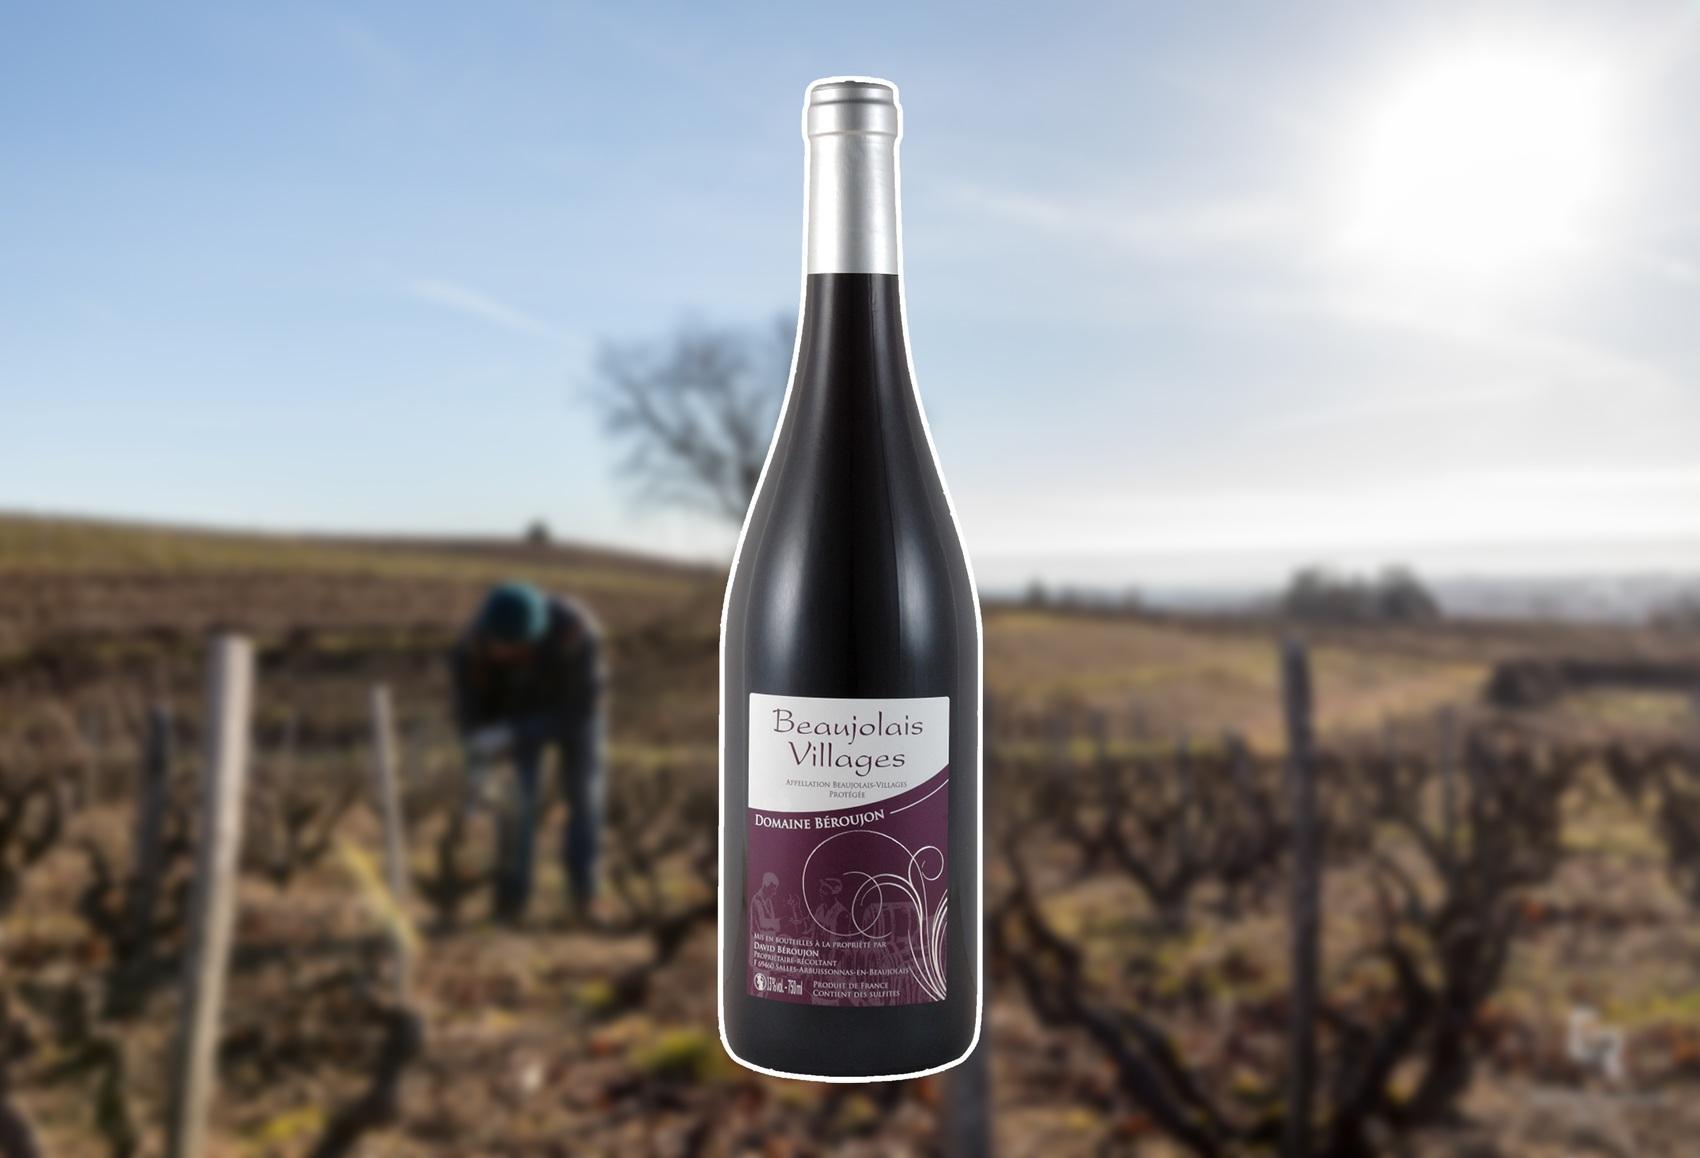 Concours international du gamay 2021 : un vin du Beaujolais sacré